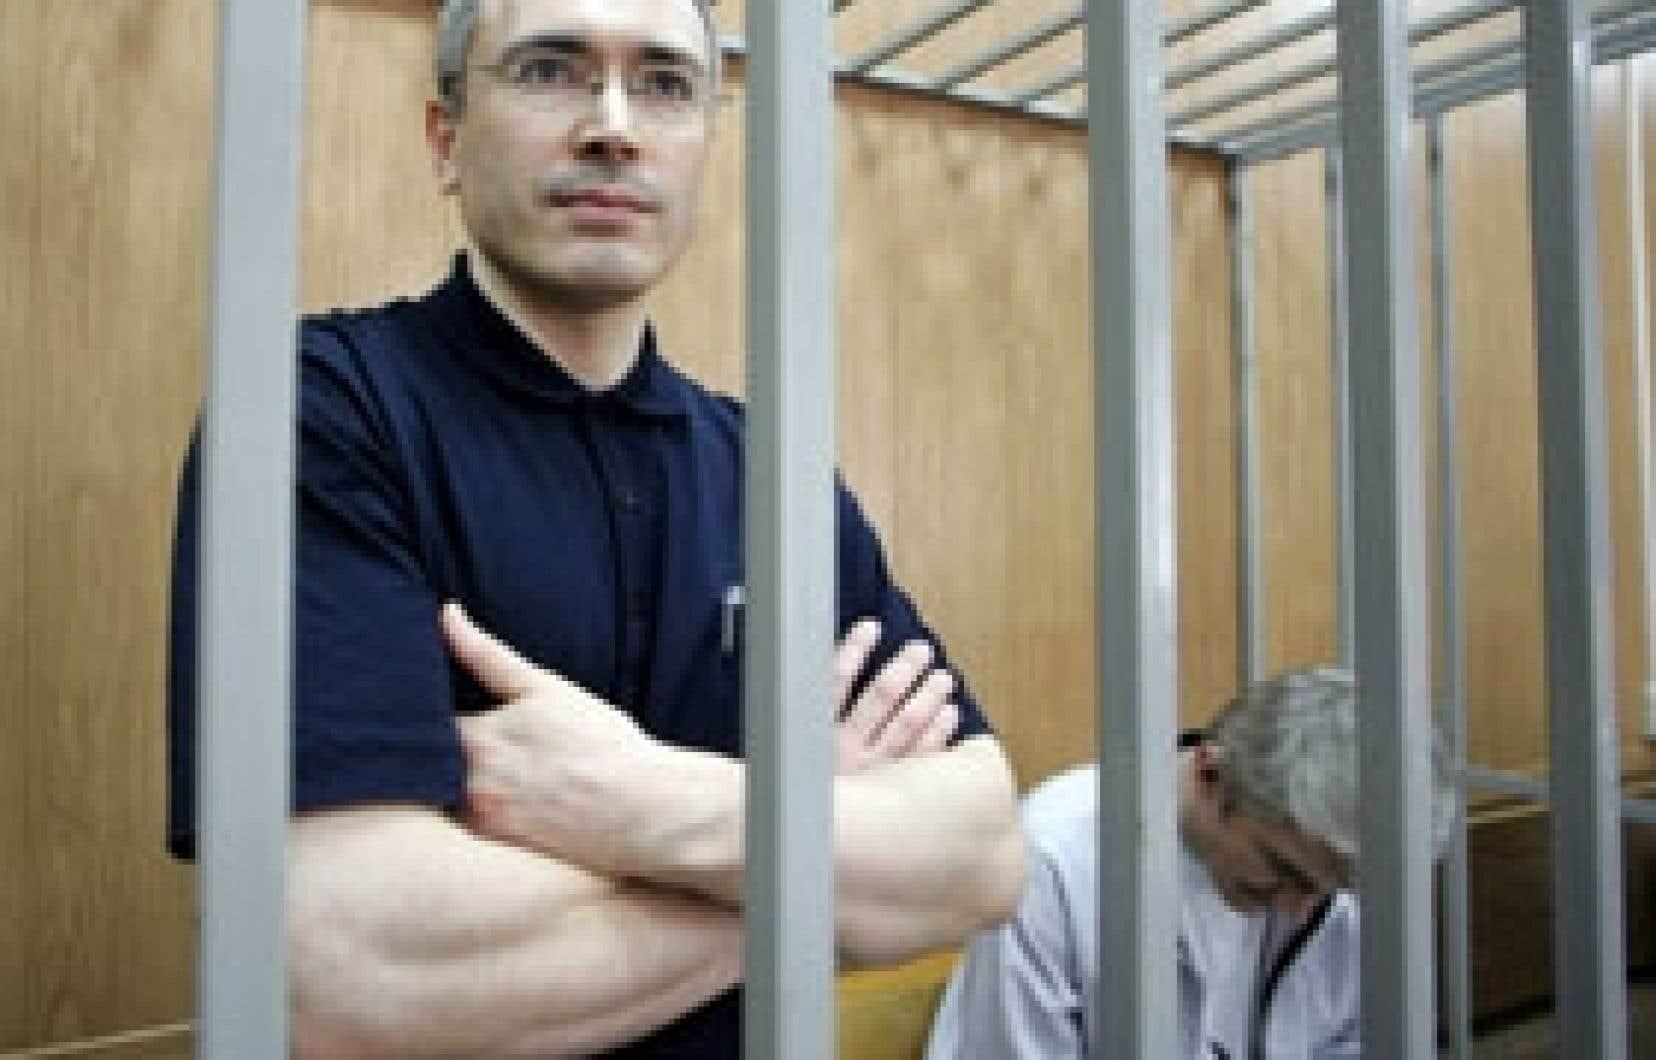 Le procès de Mikhaïl Khodorkovski, tenu il y a deux ans, a été qualifié de «farce judiciaire» par les défenseurs des droits de l'Homme et critiqué par Washington.